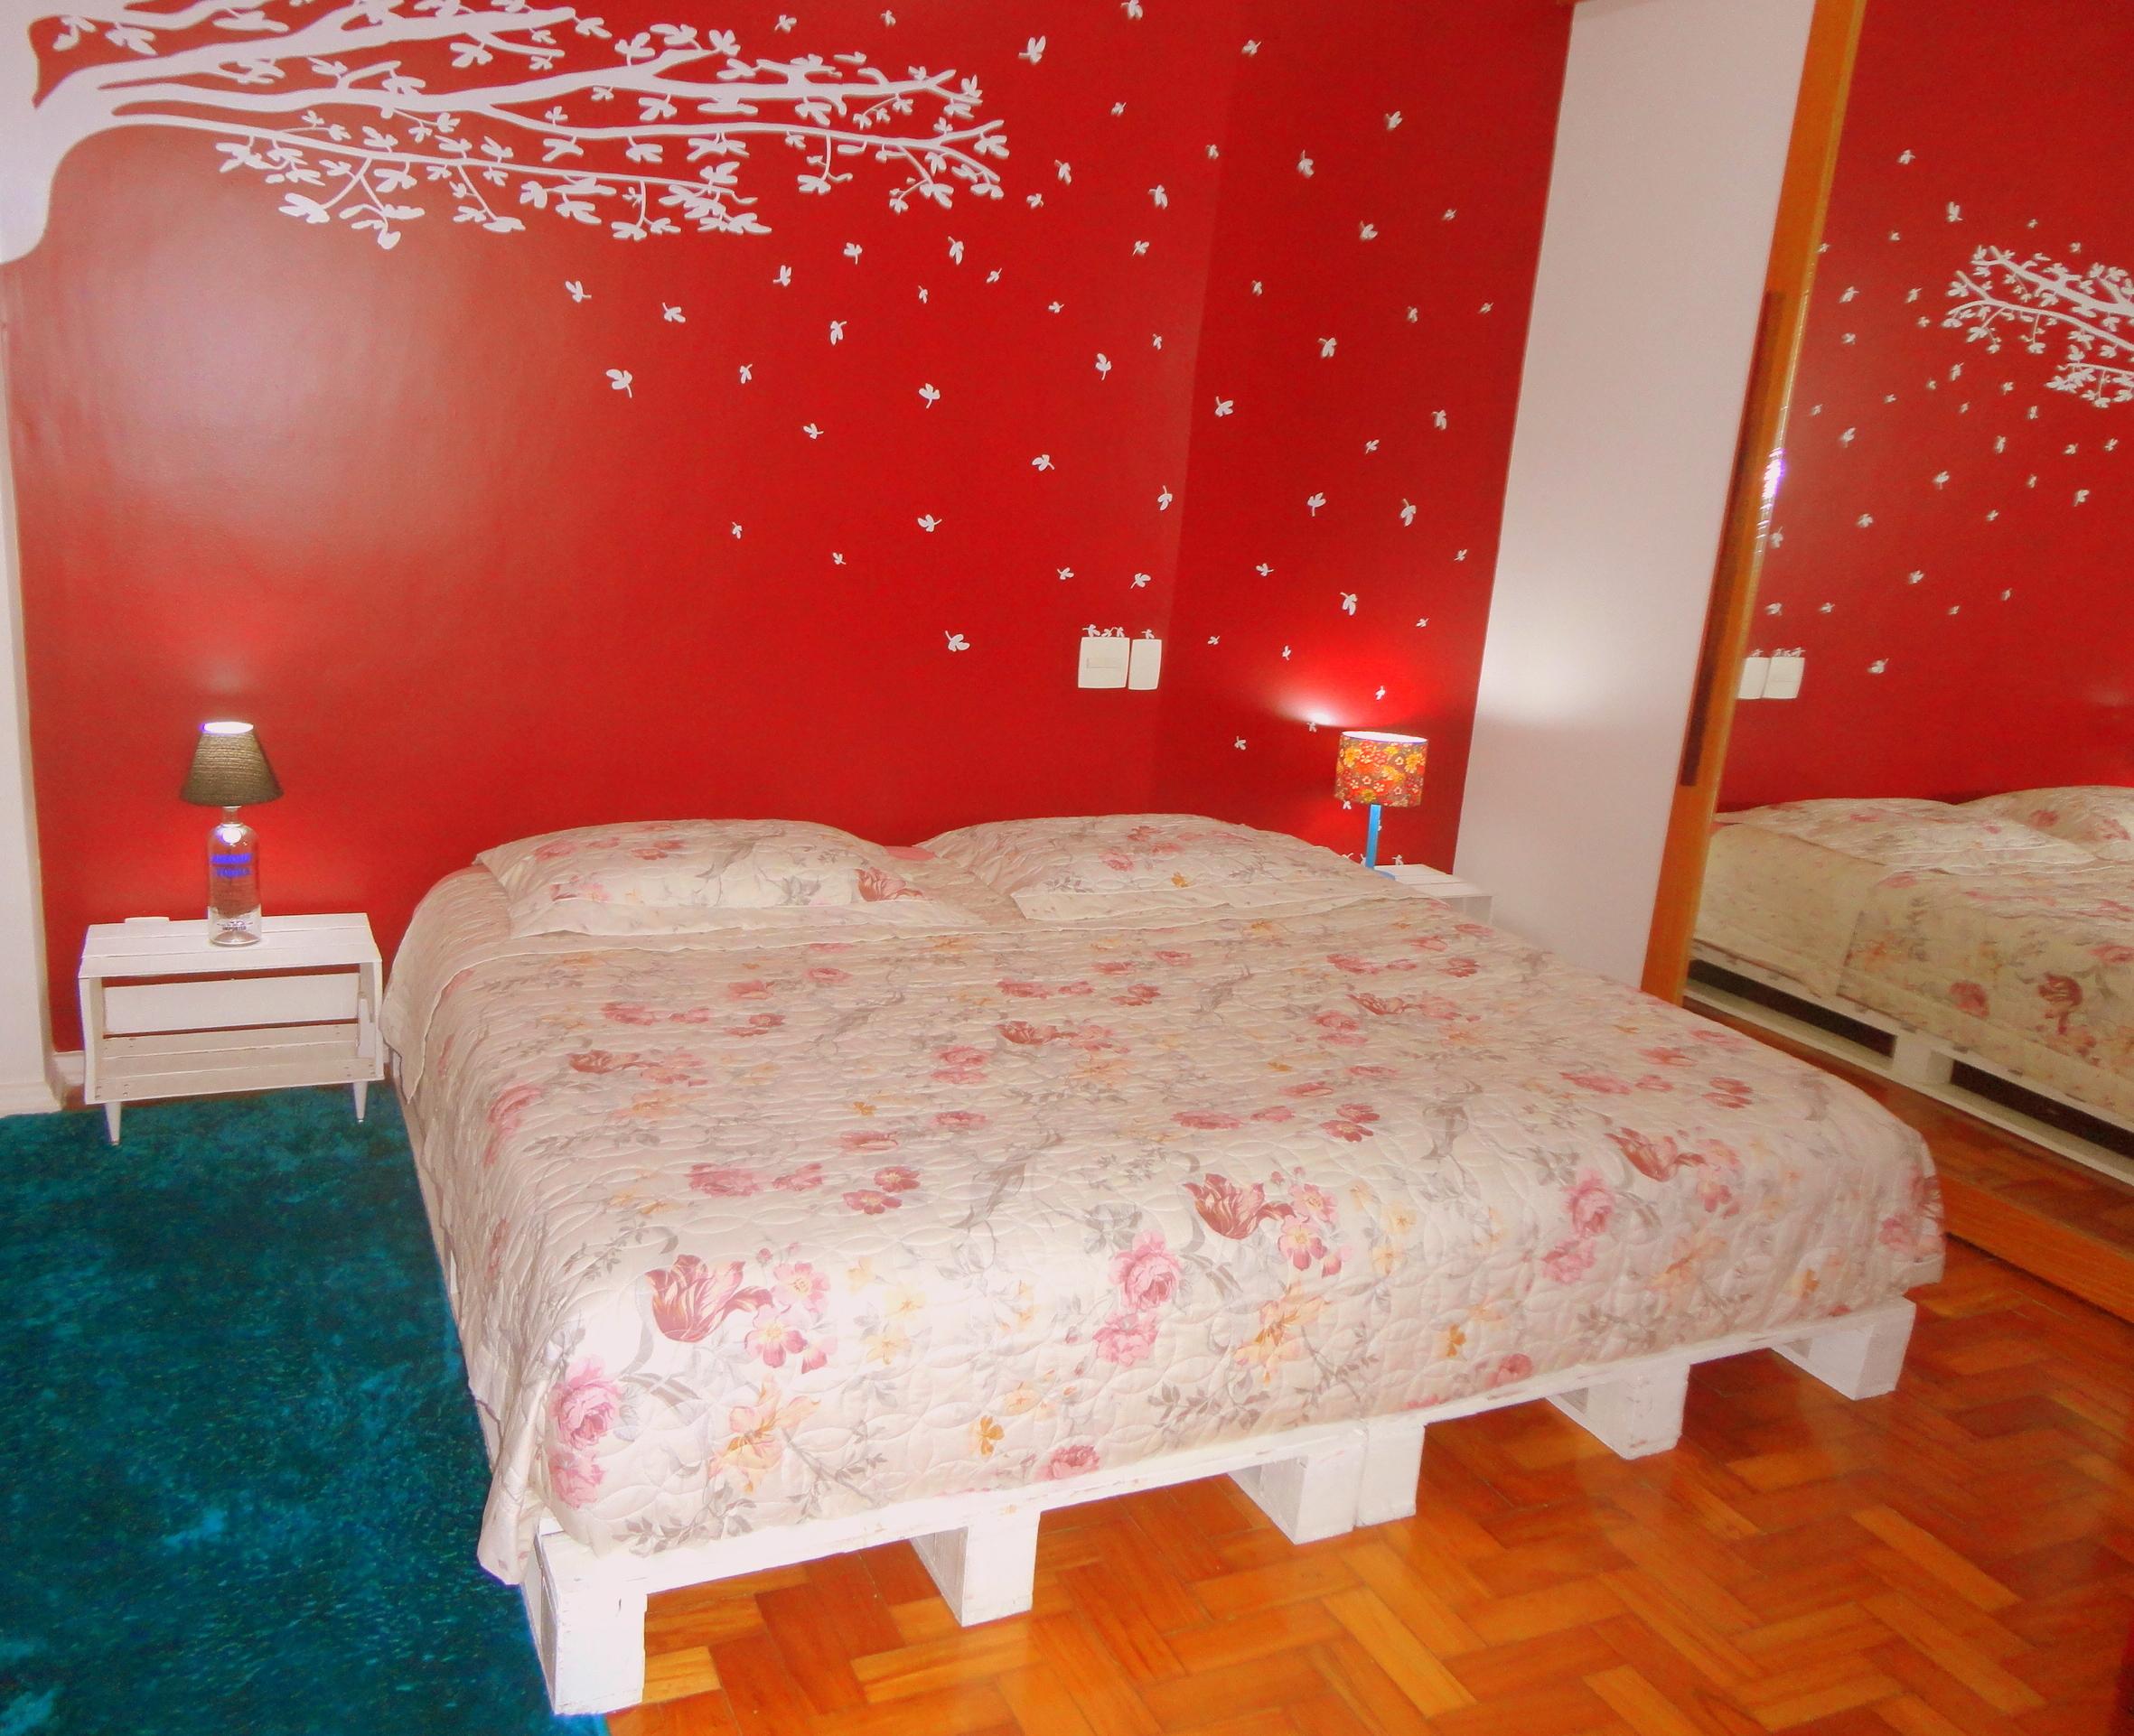 decoracao alternativa de casas : decoracao alternativa de casas: de estilo com cama feita com pallets e mesinhas de cabeceira feitas de